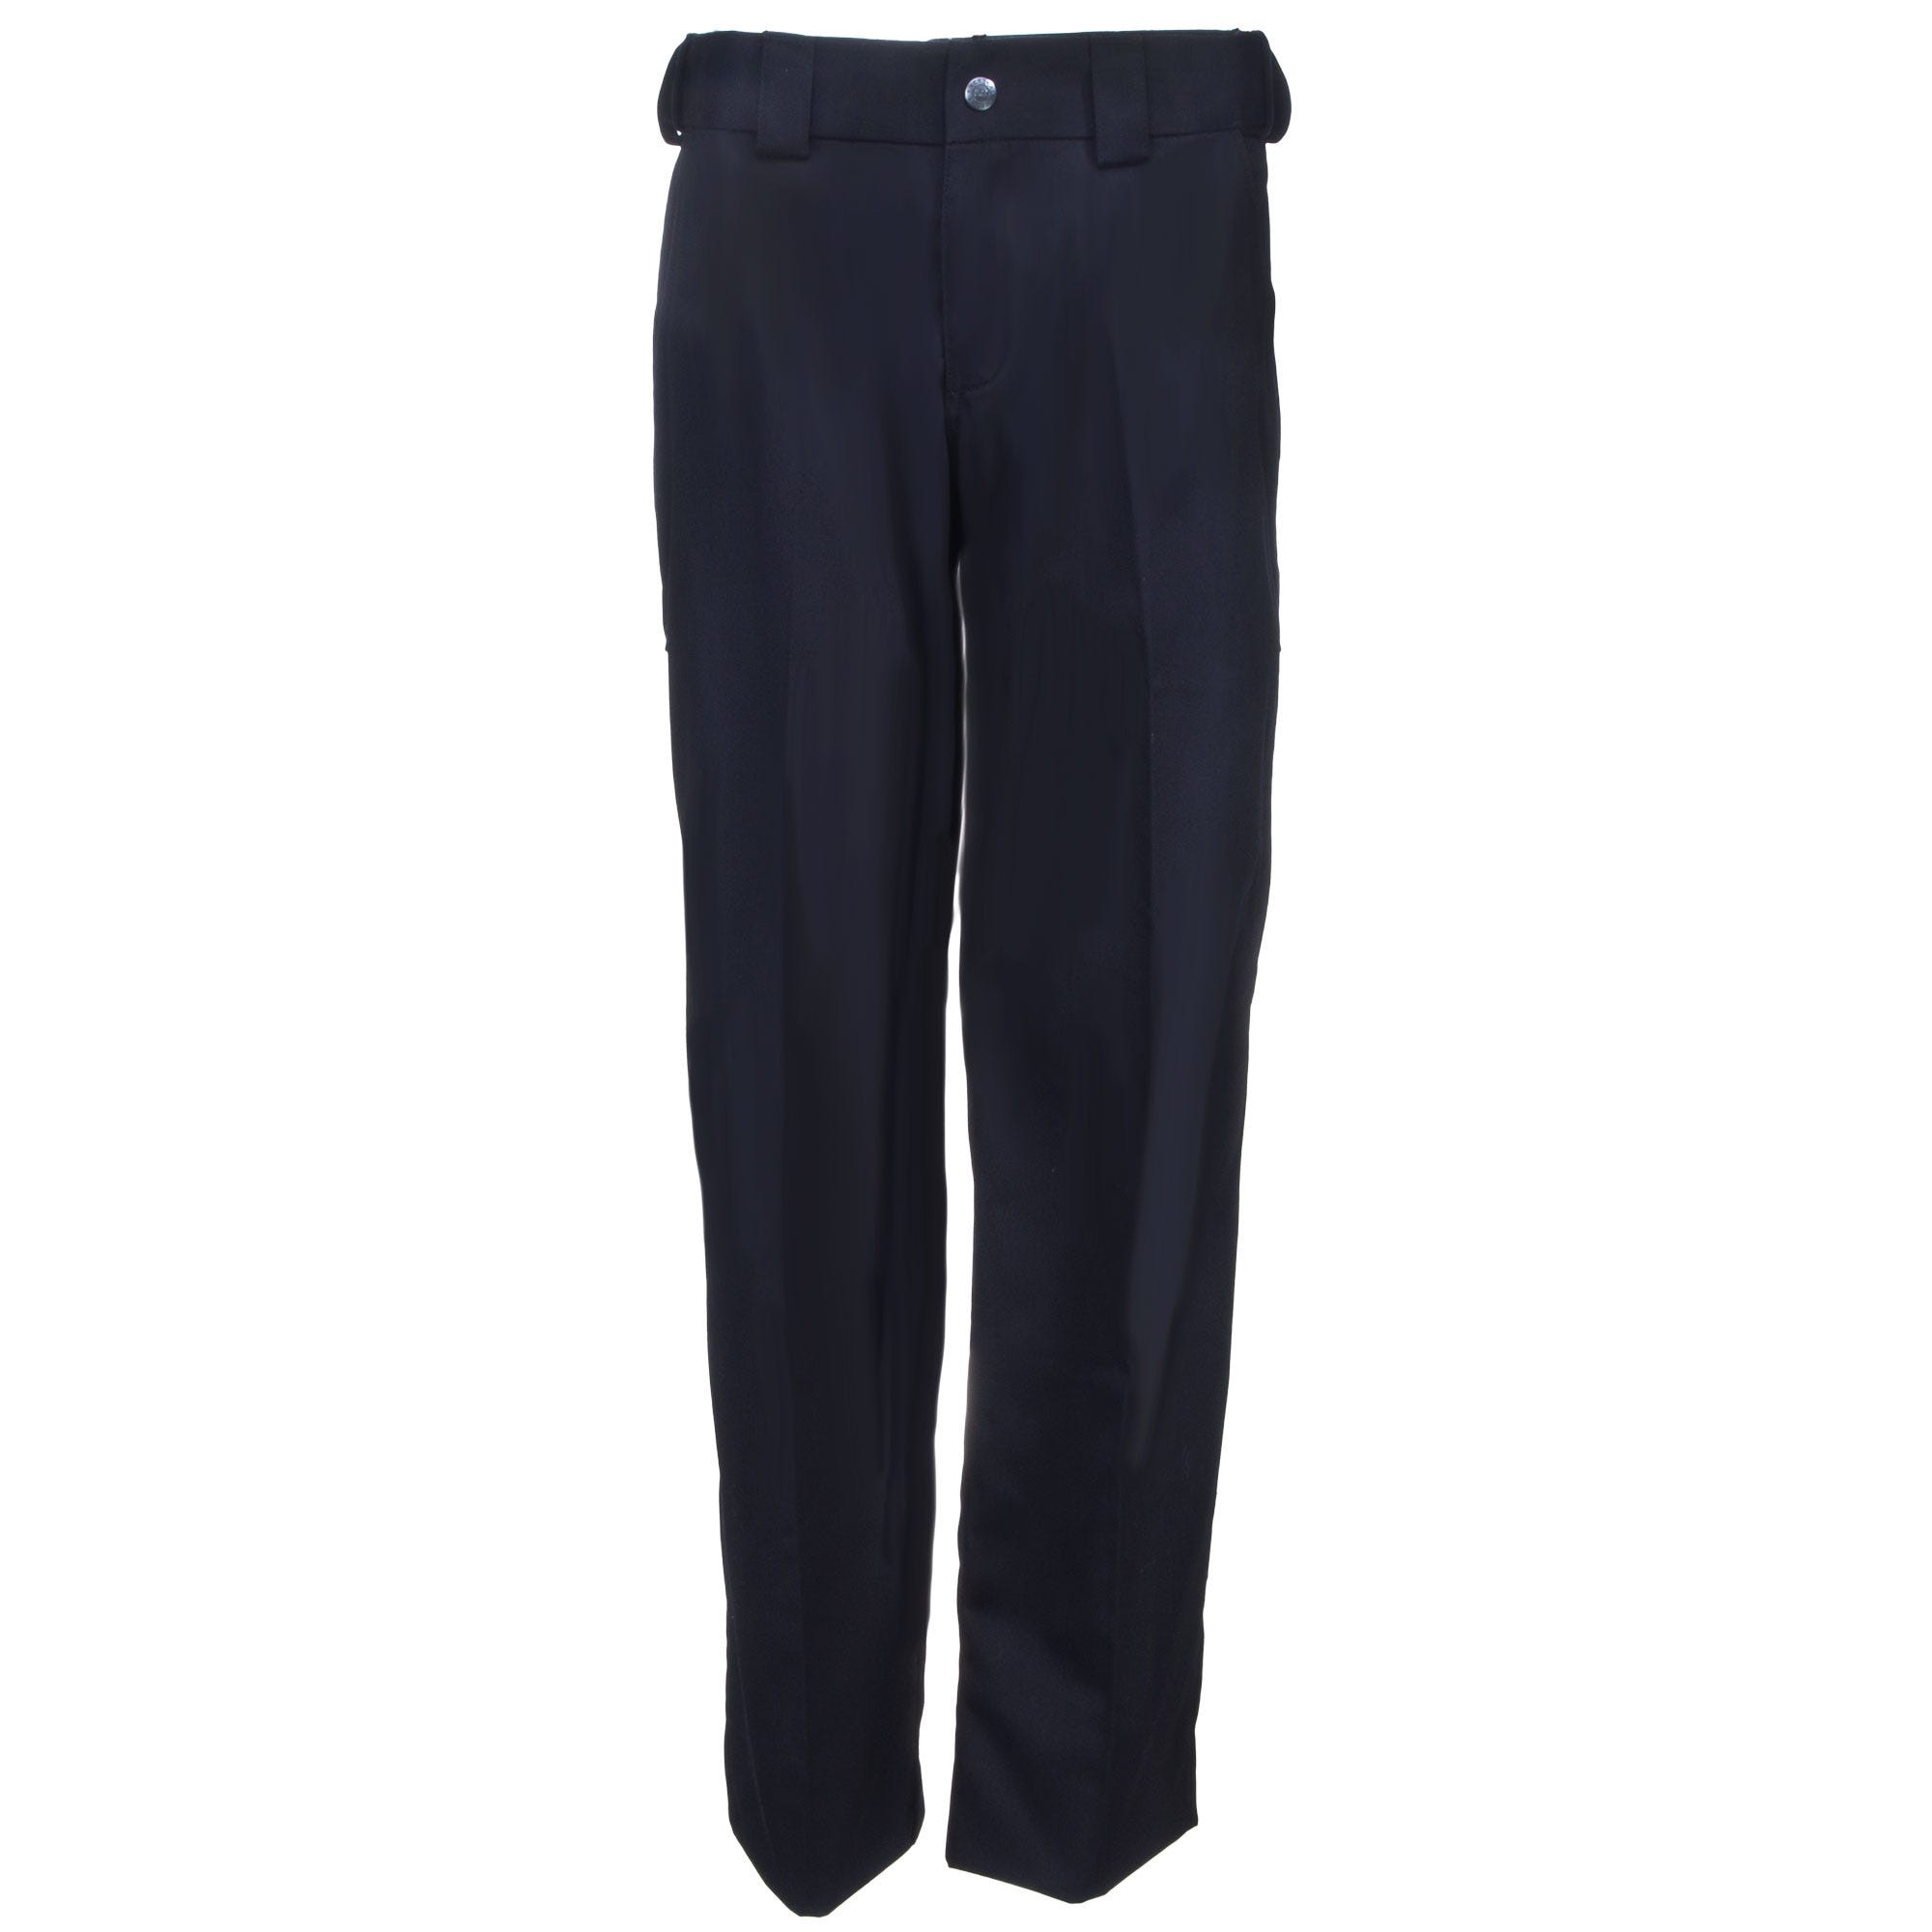 5.11 Tactical Navy Women's 64370 750 Class A Pants